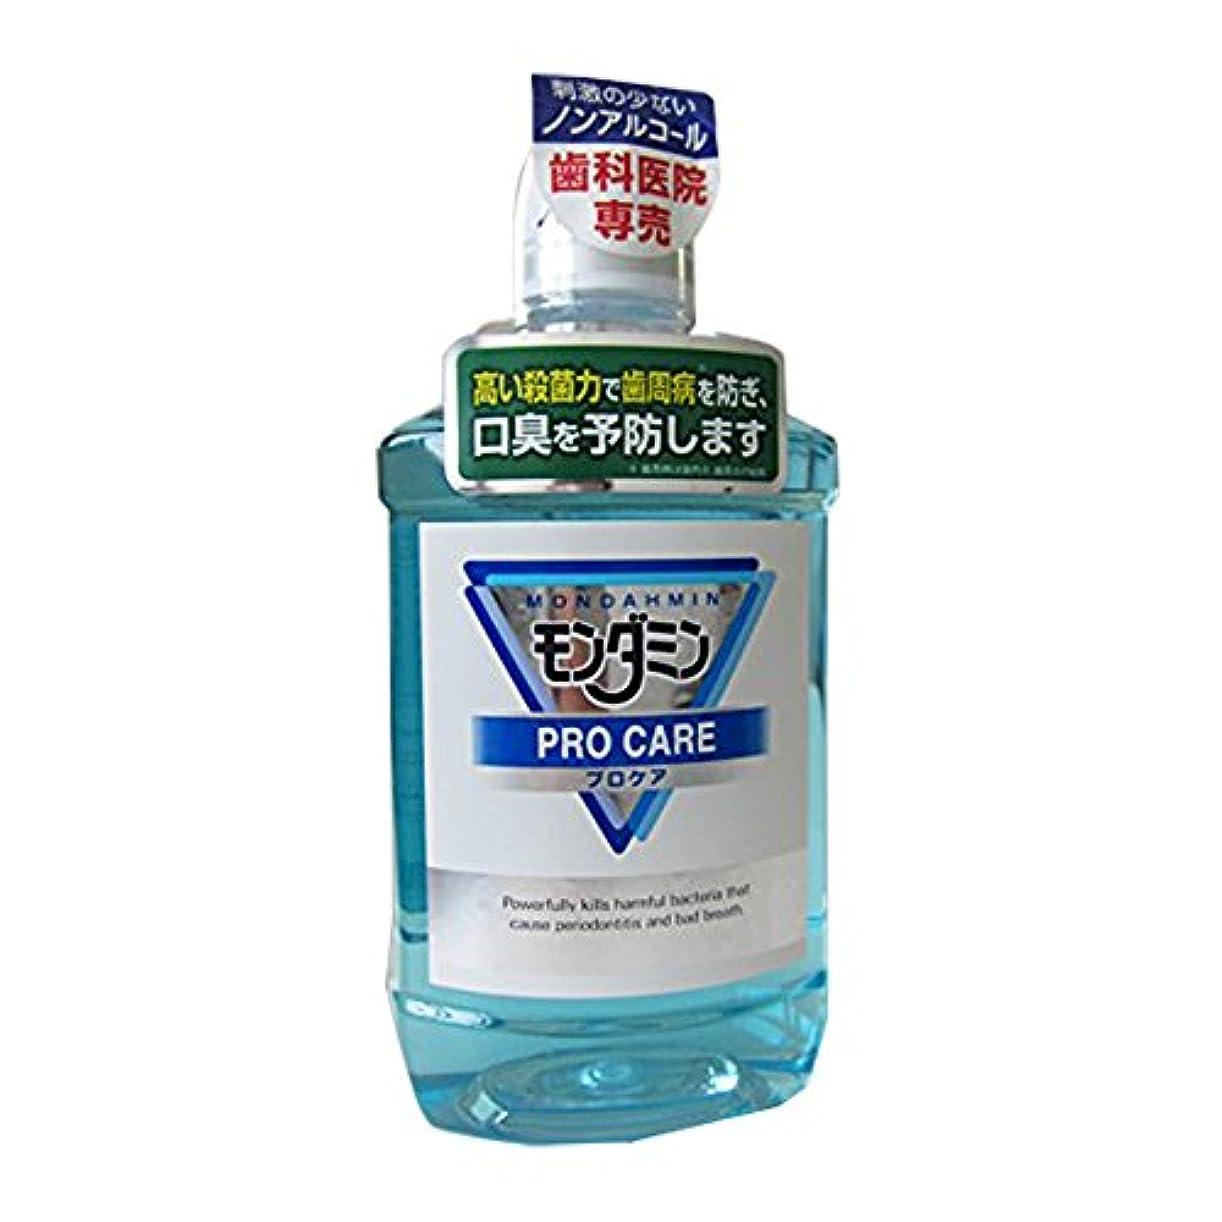 つぶすよろめく合図モンダミン モンダミン プロケア 1000ml ボトル 液体歯磨き単品